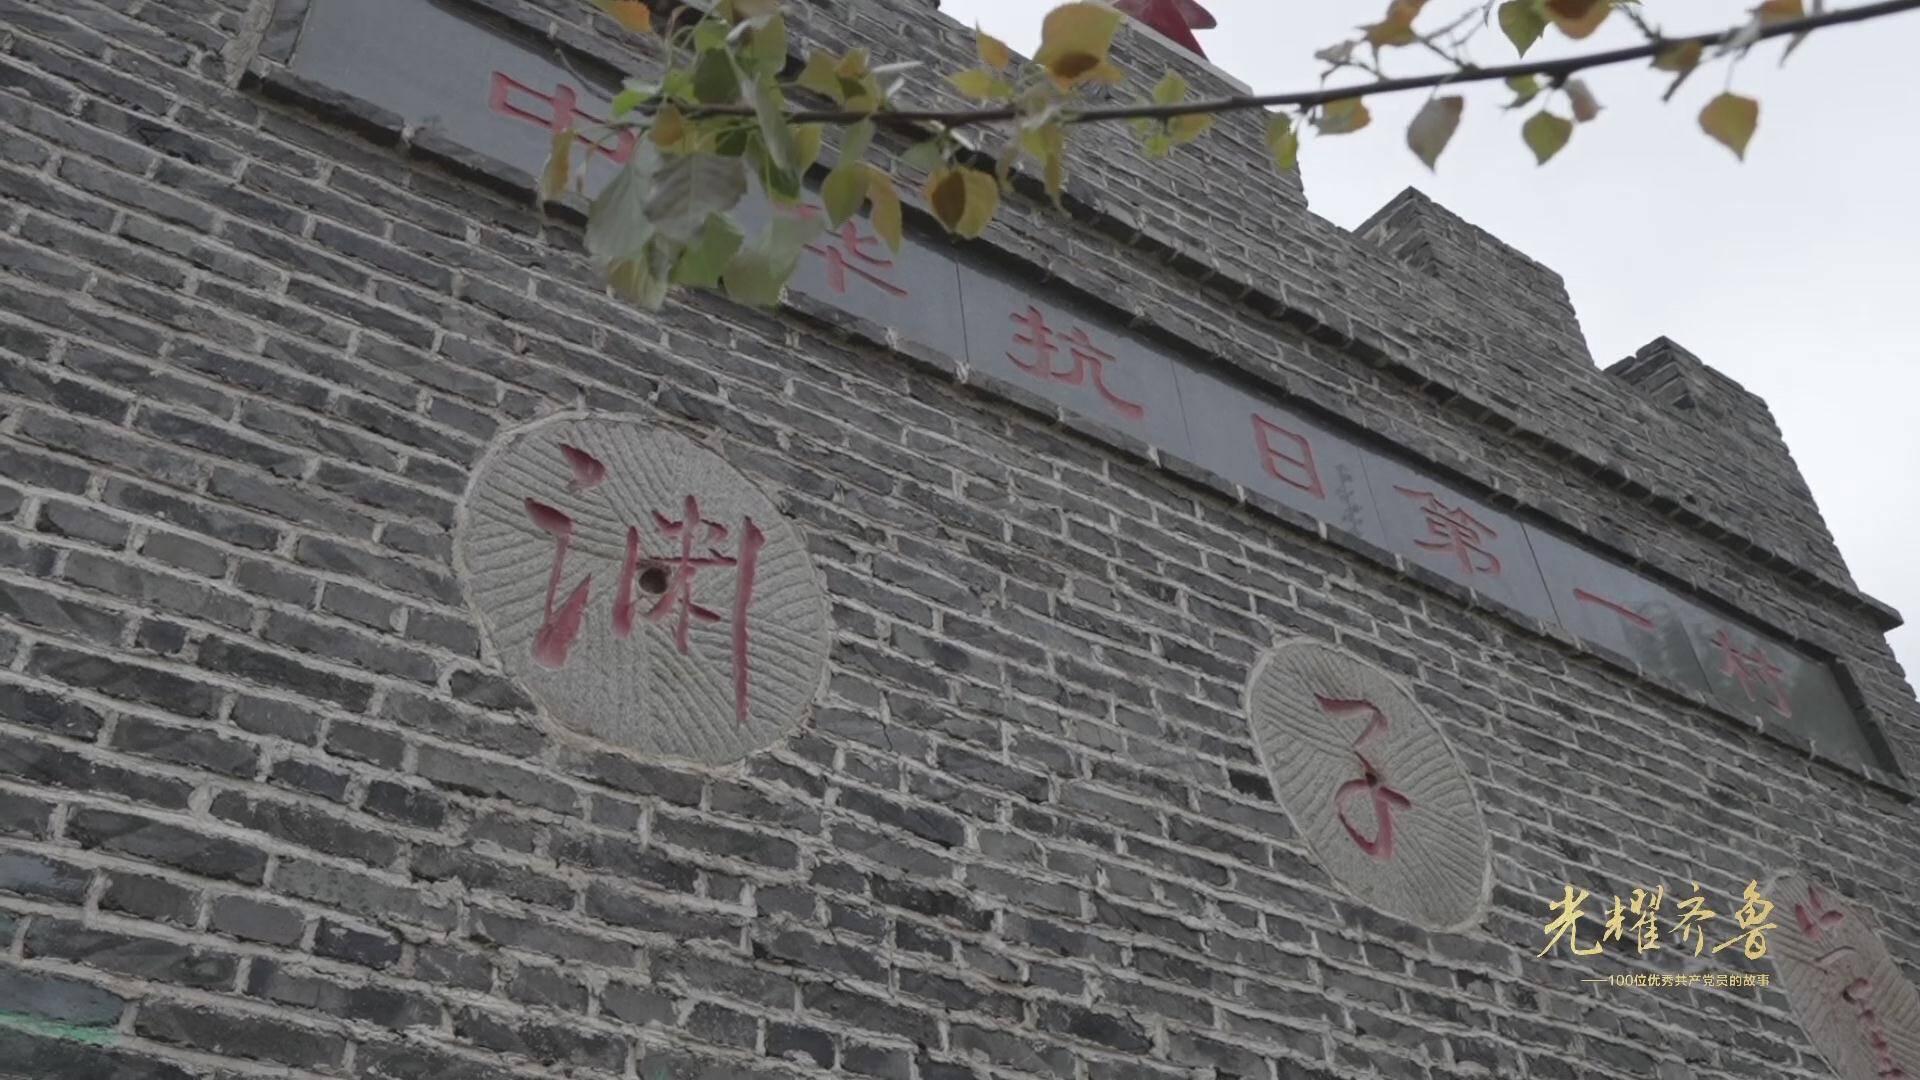 《【迅达平台佣金】百集微纪录片《光耀齐鲁》今天18:10播出第23集《赵镈》第24集《林凡义》》